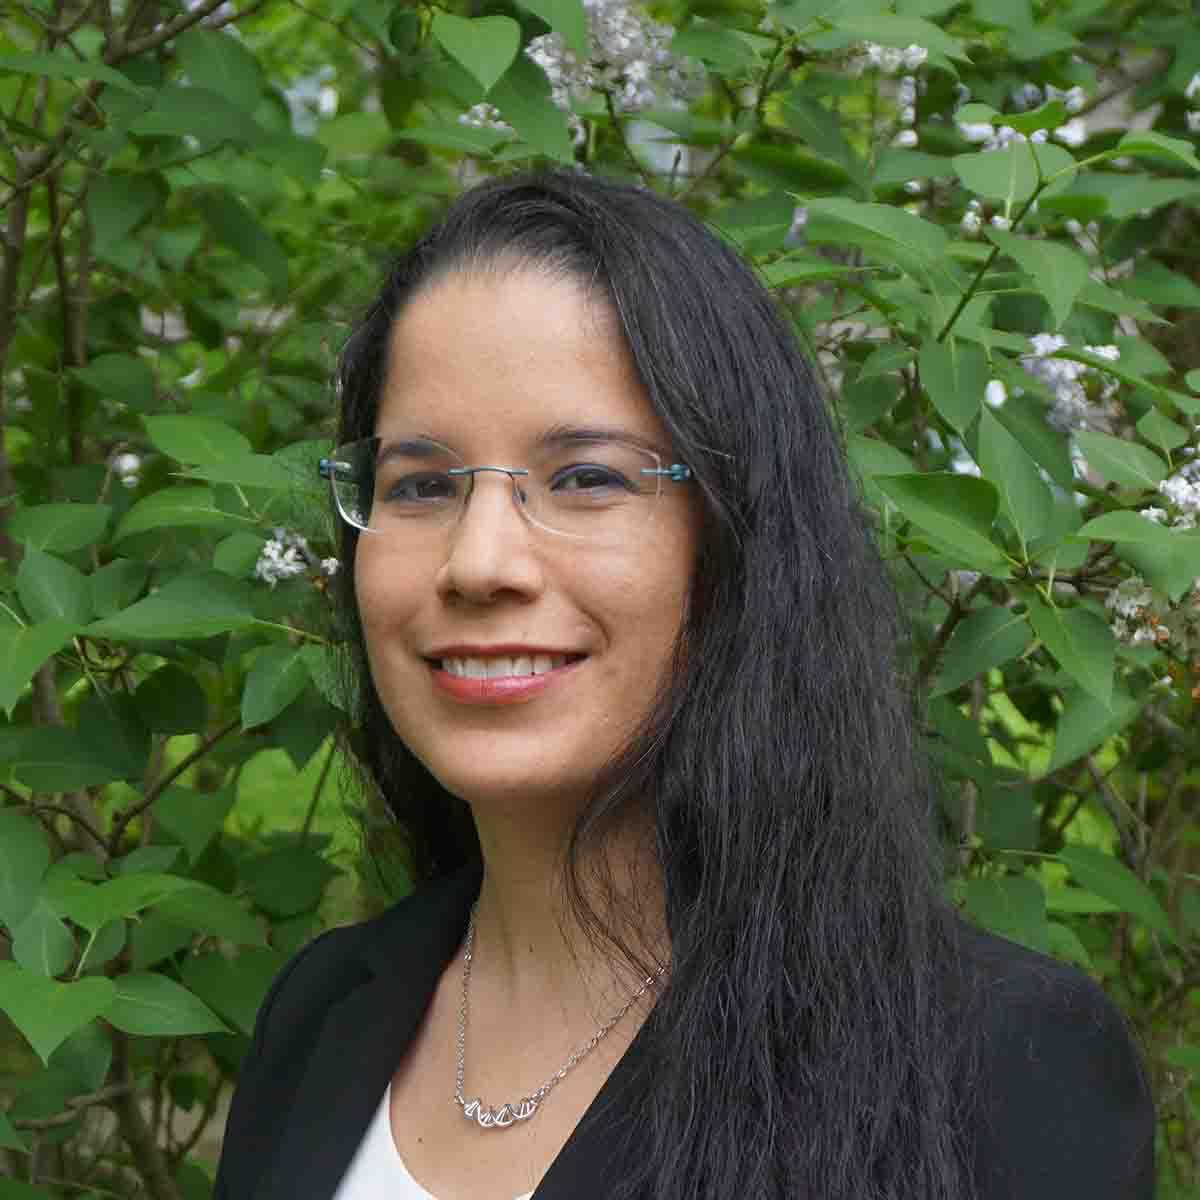 Jessica Castillo Vardaro